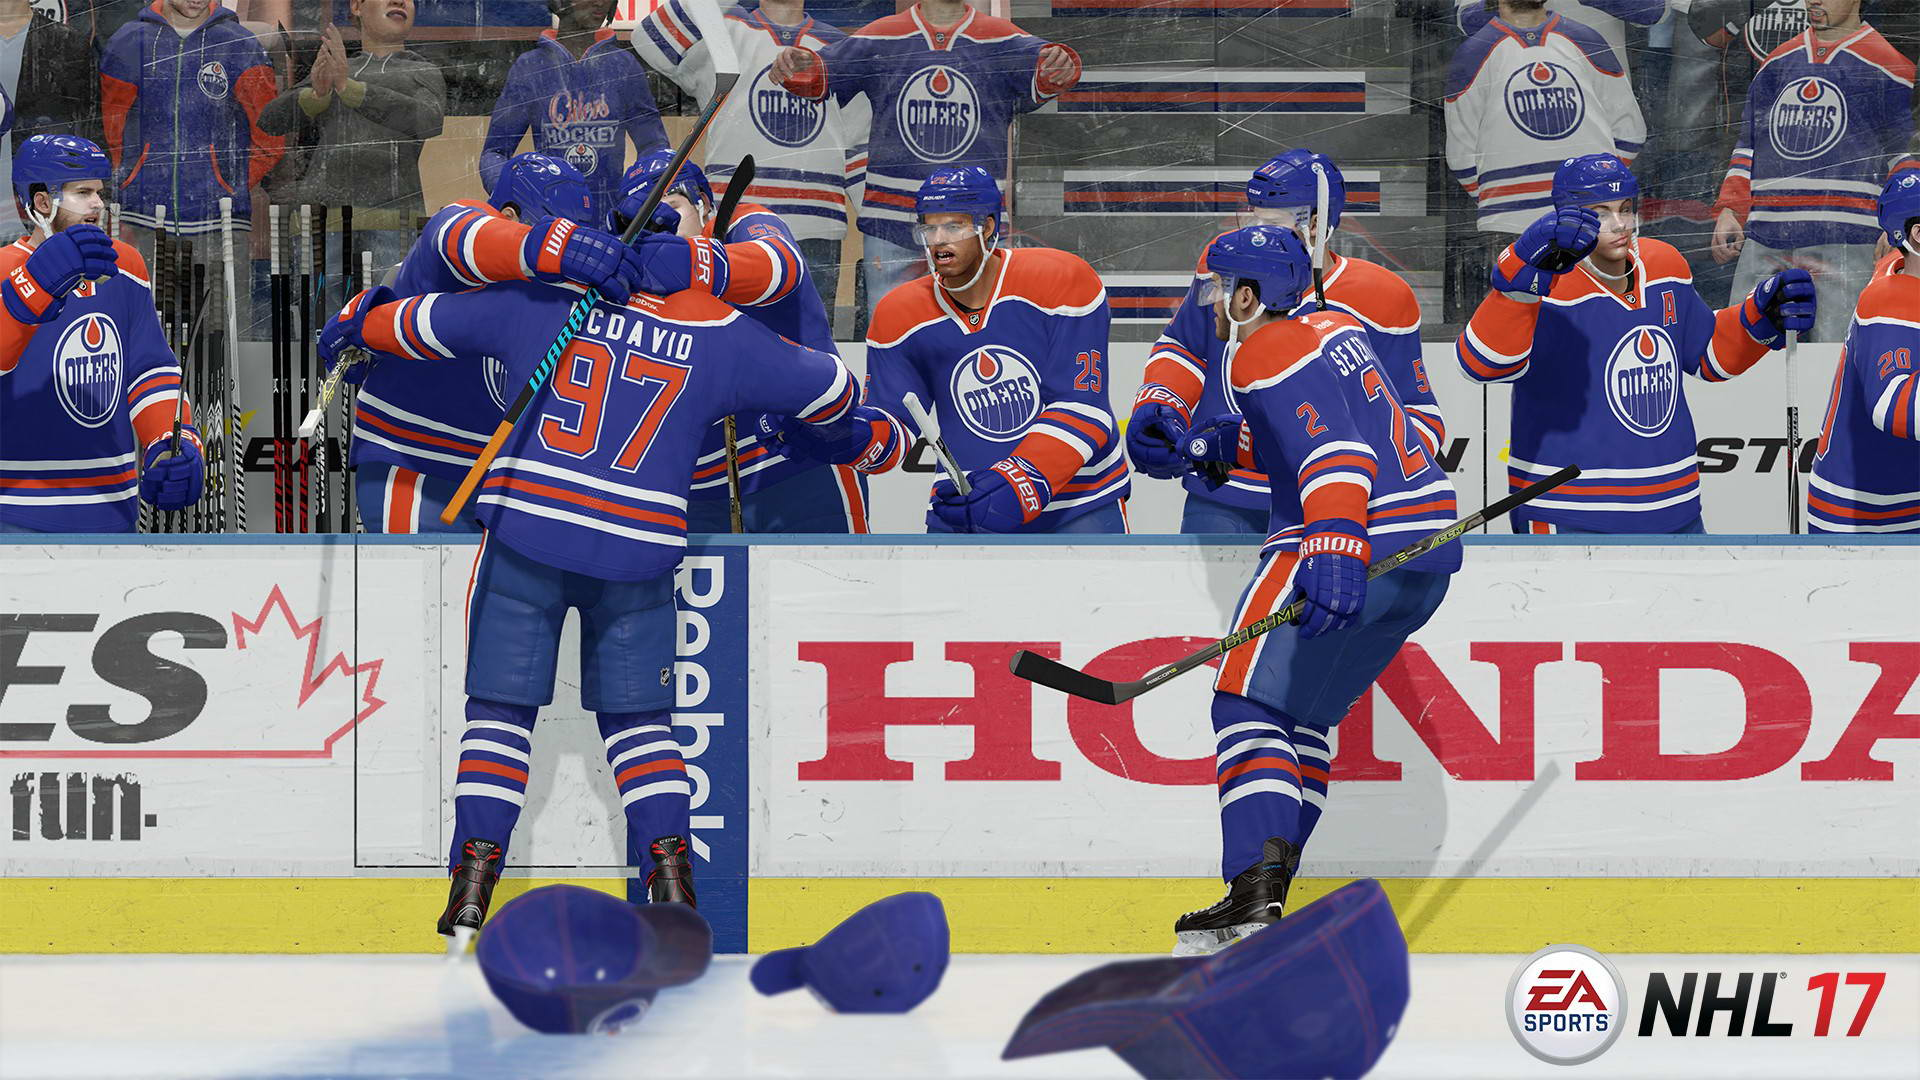 Скриншот NHL 17